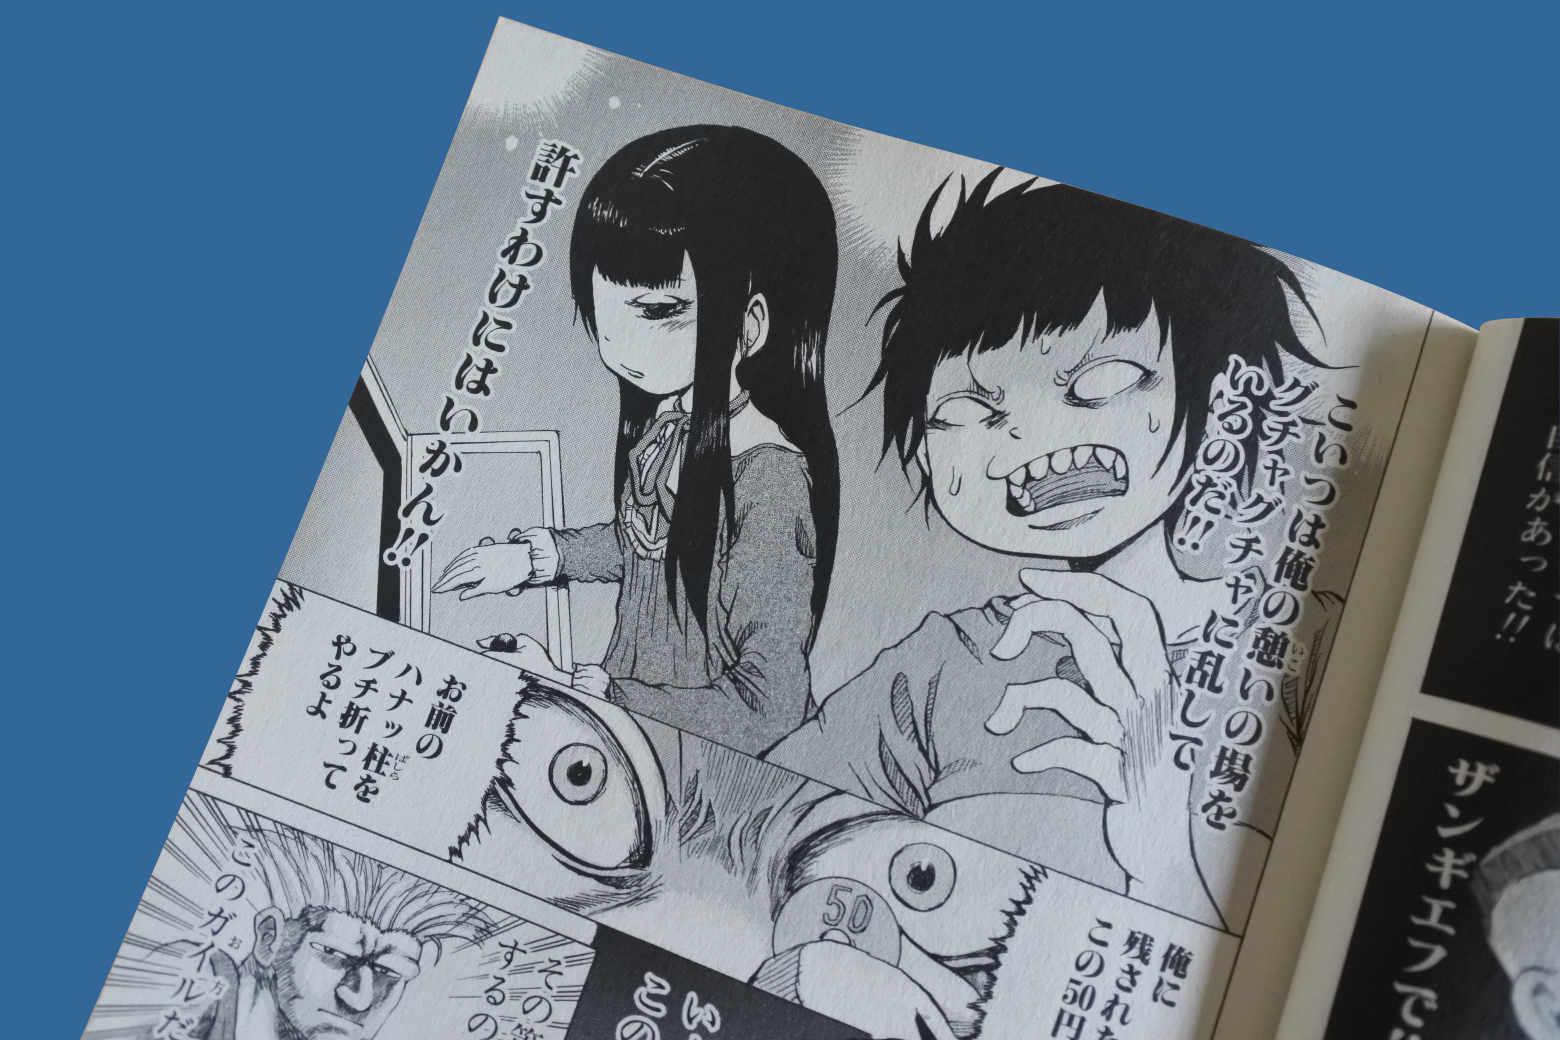 押切蓮介『ハイスコアガール 1』(スクウェア・エニックス)